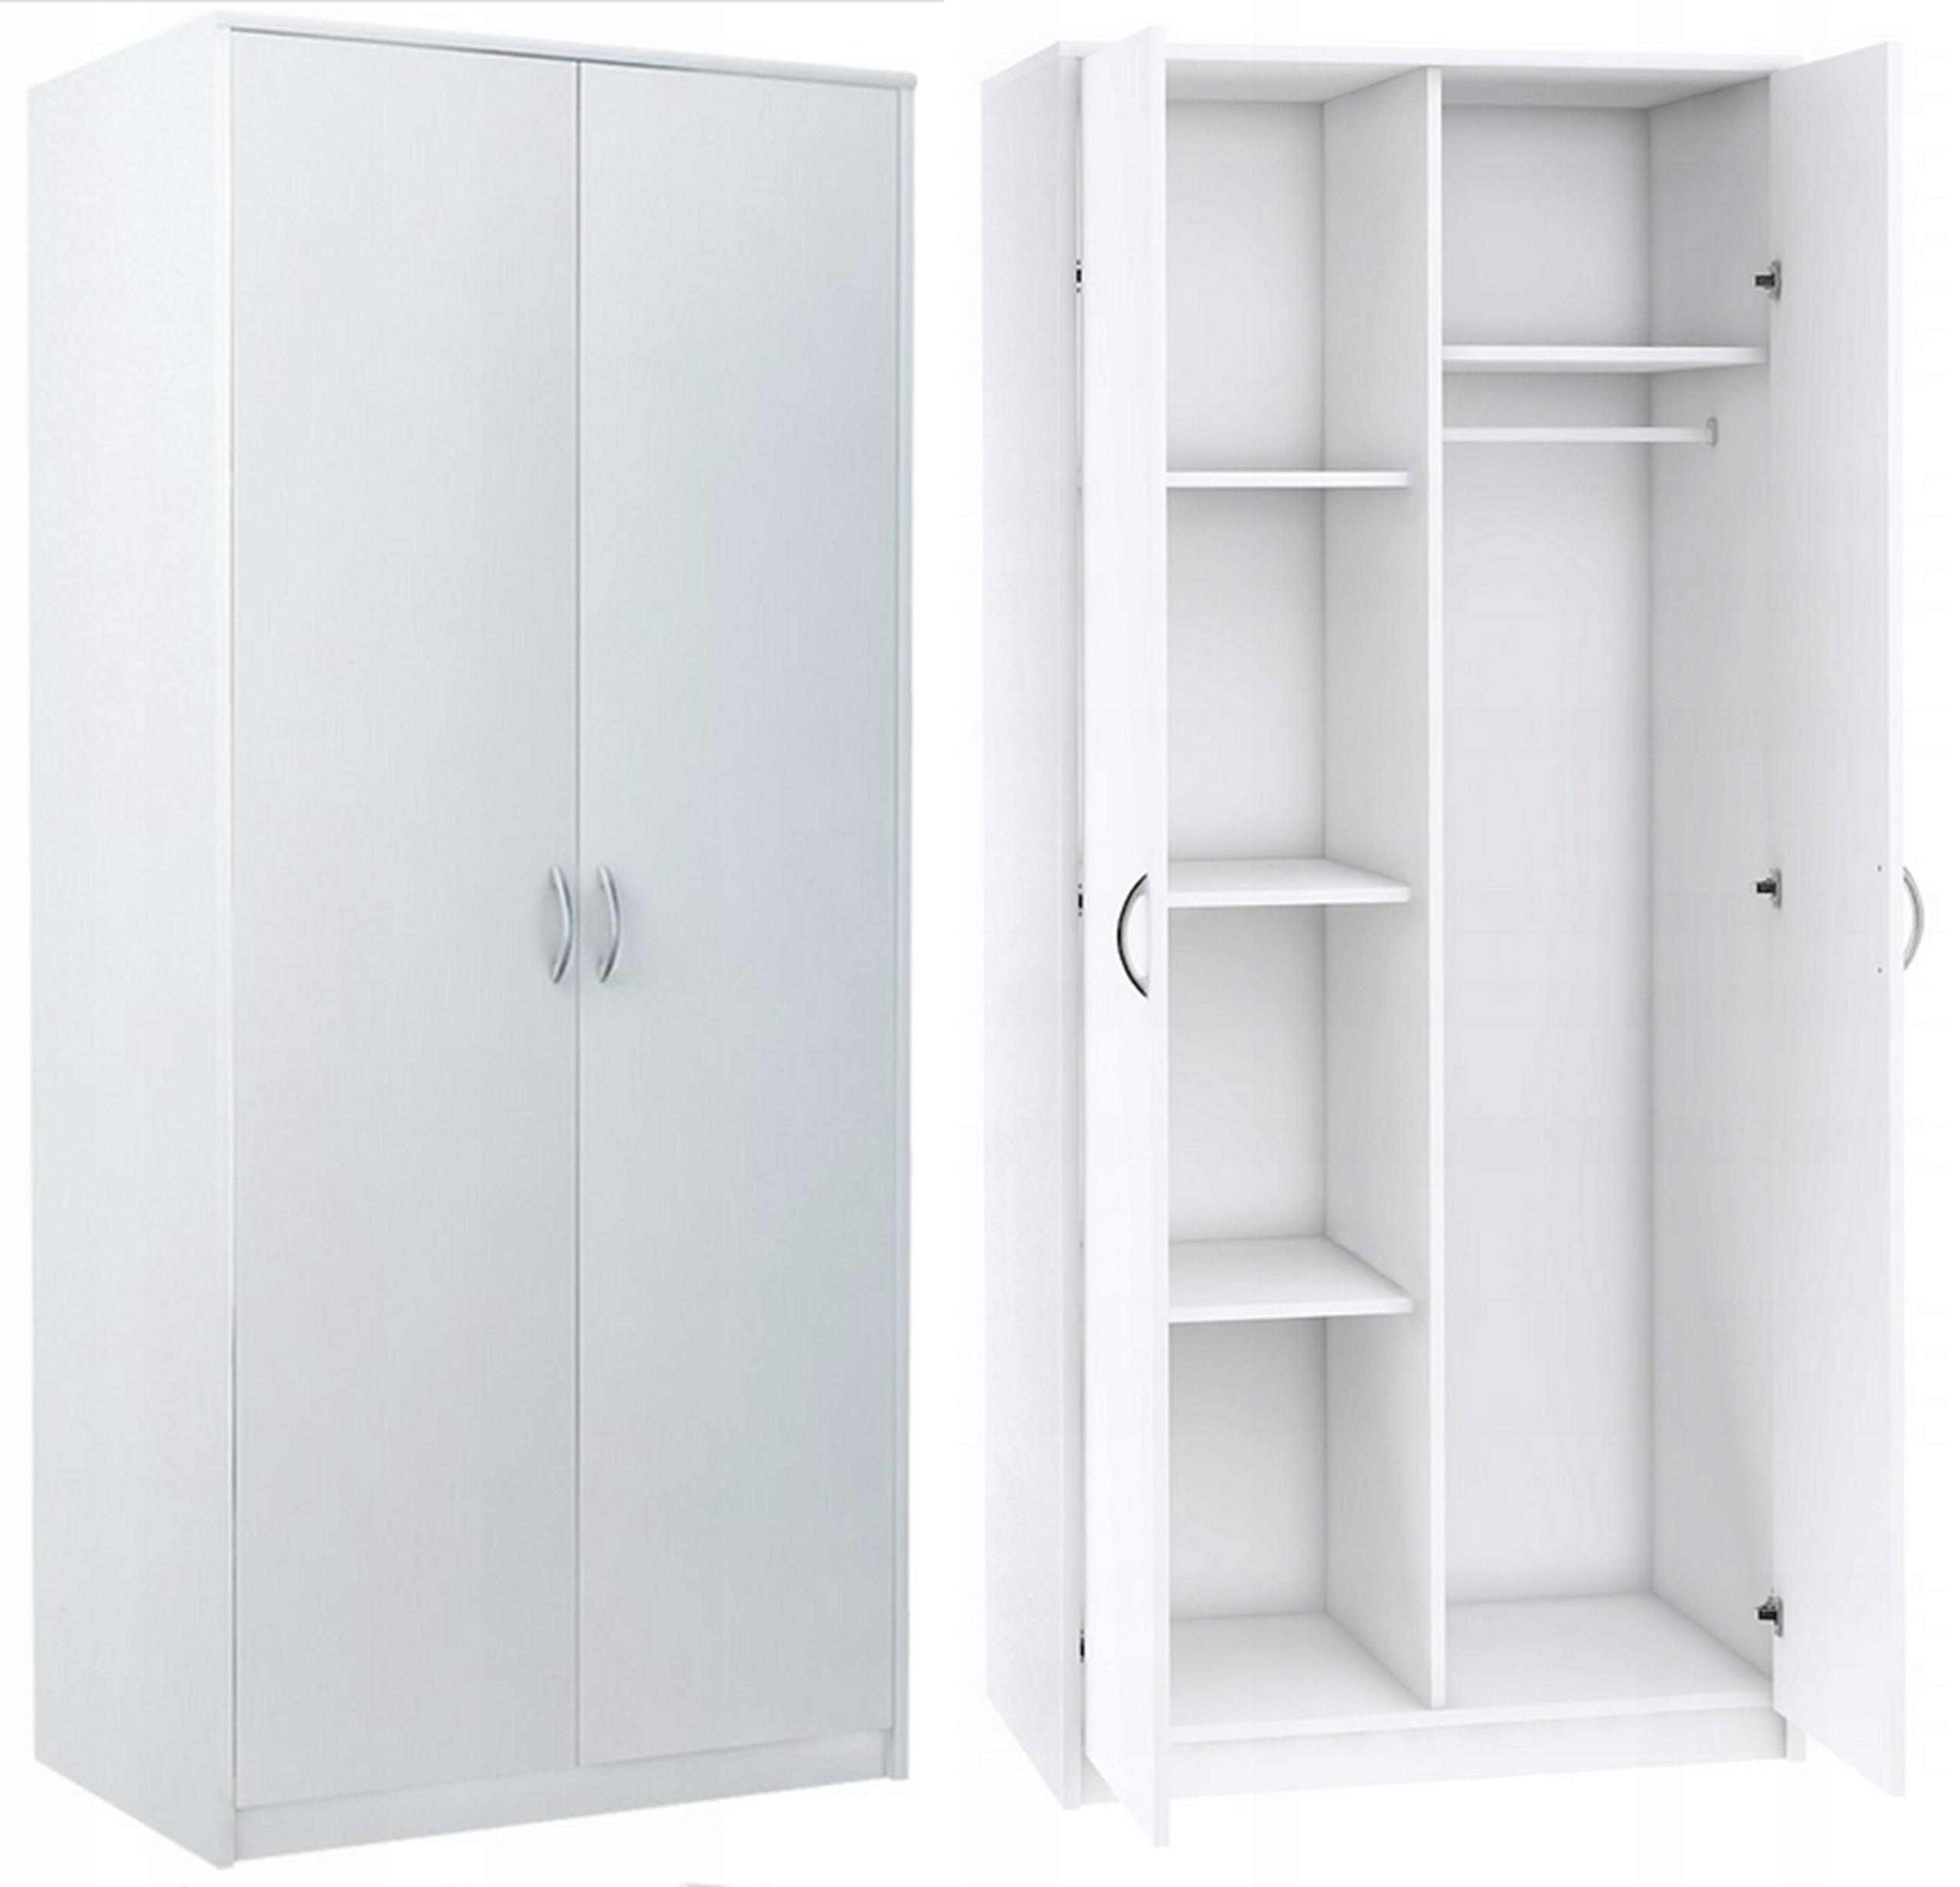 Каф двухдверный, стеллаж для одежды 2Д4П БЕЛЫЙ